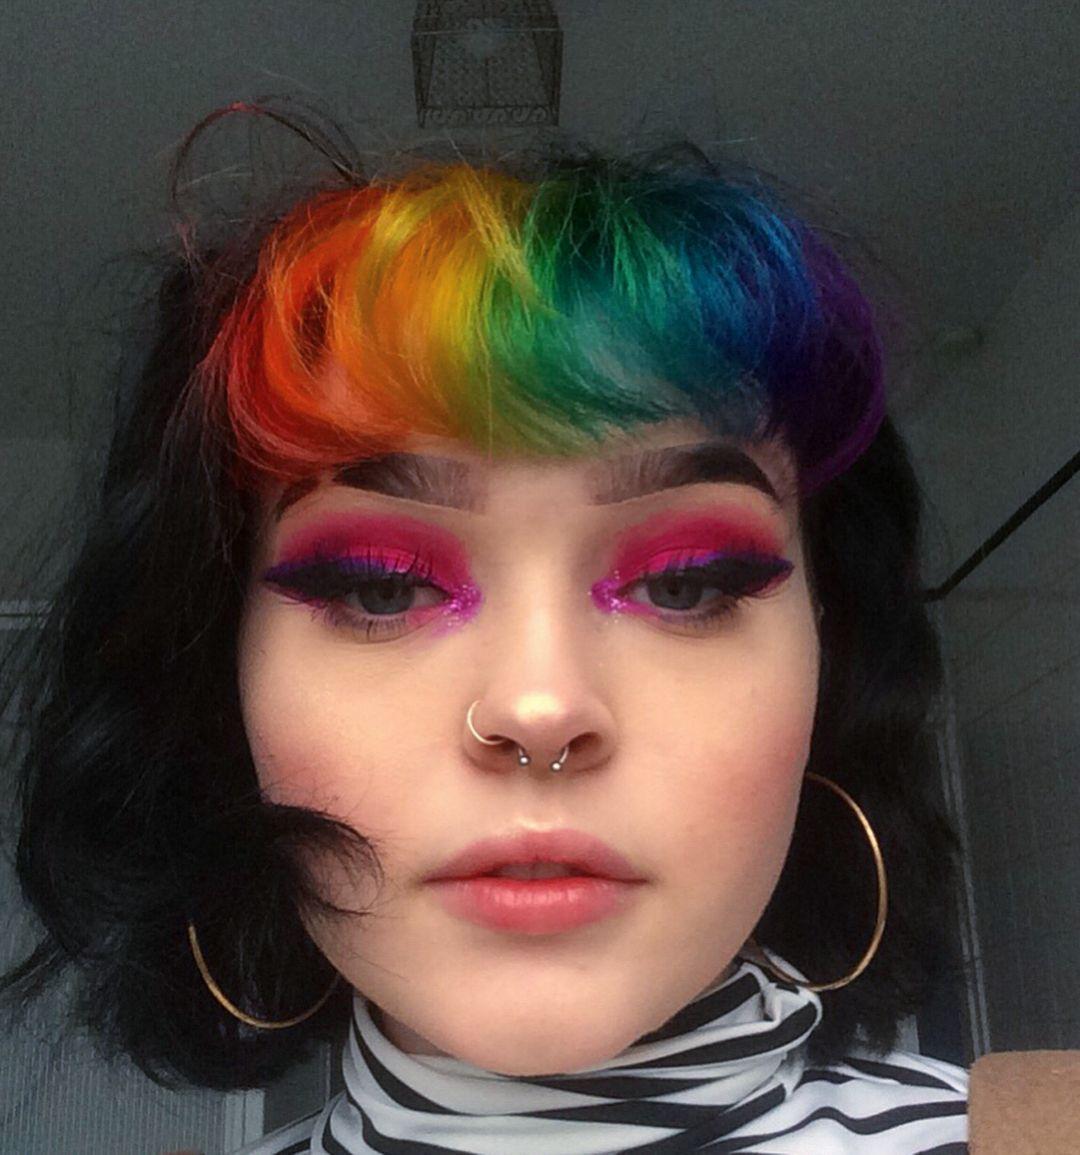 Cute Rainbow Bangs Look In 2020 Split Dyed Hair Aesthetic Hair Dyed Hair